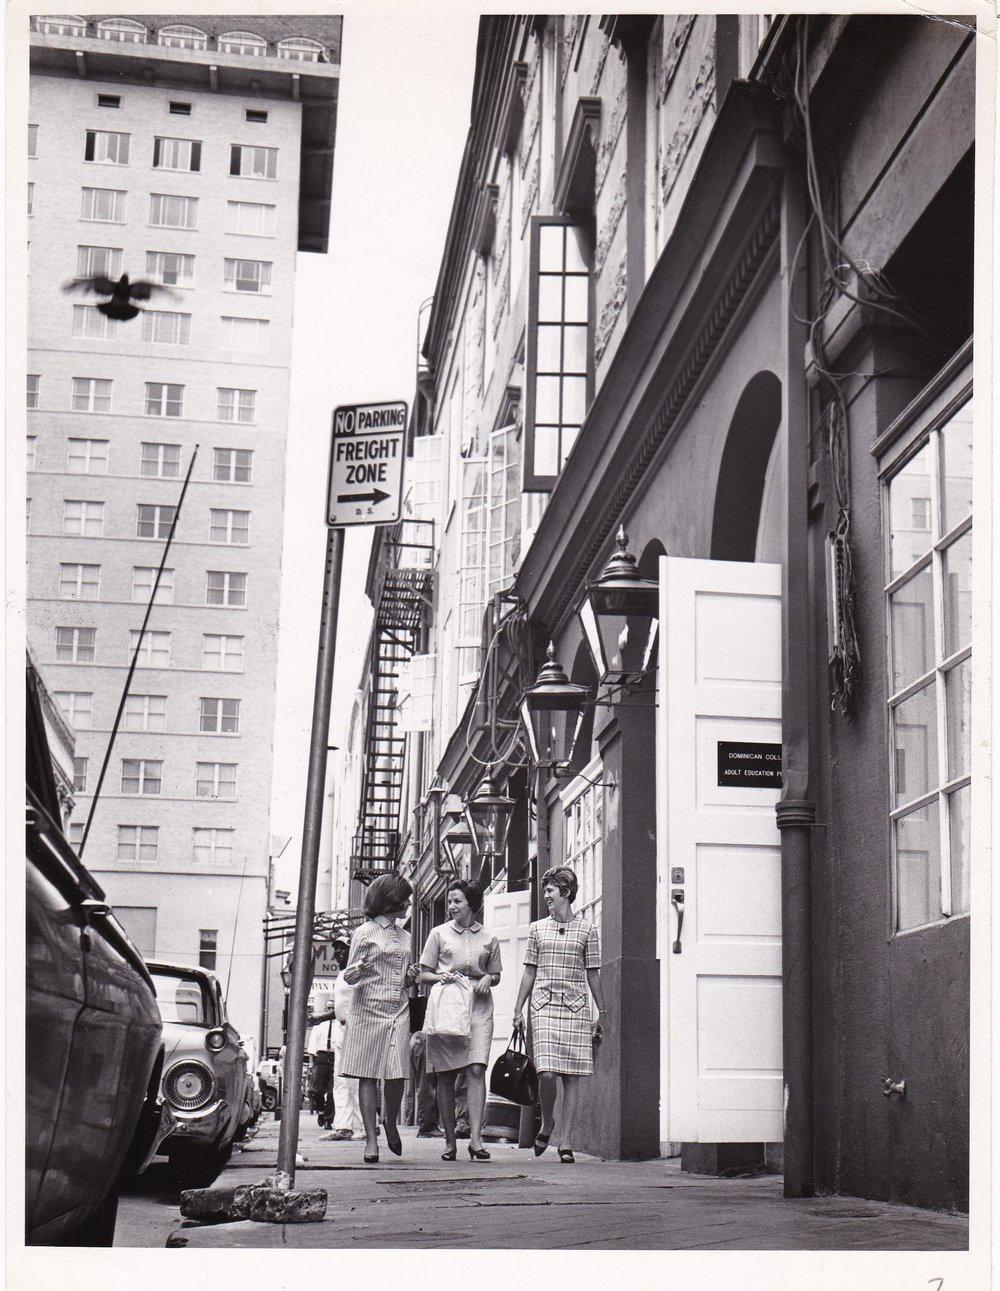 '67 Carolyn Ory Thornton, Dolly Brien and Sharon Rodi